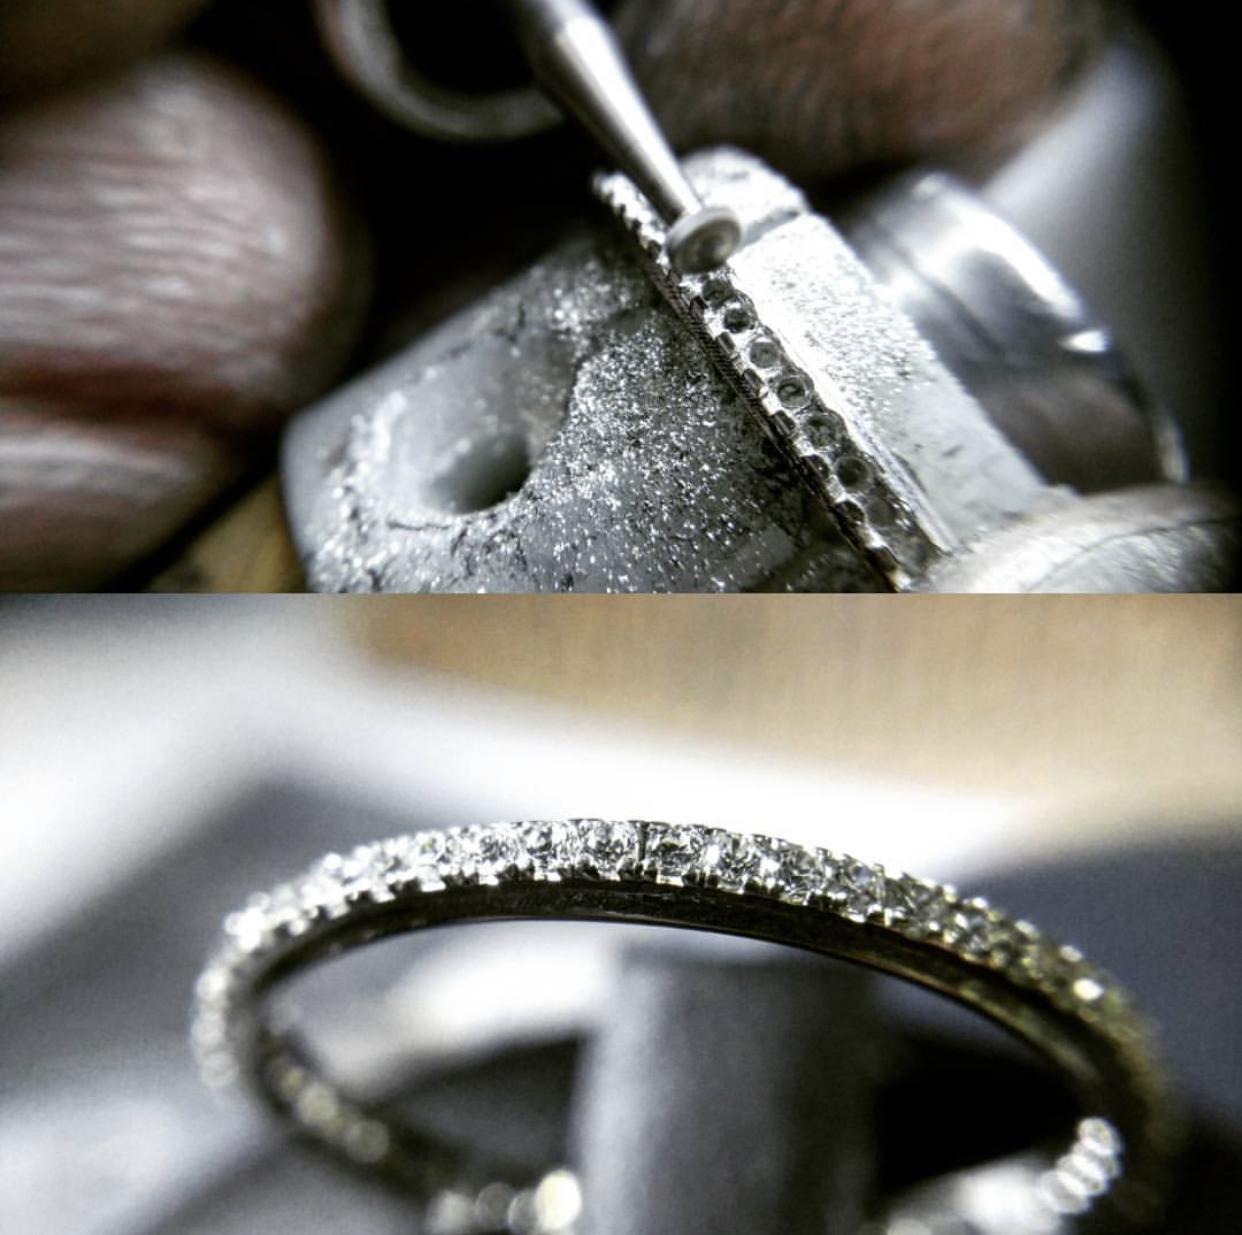 engaste de piedras. engastador de diamantes